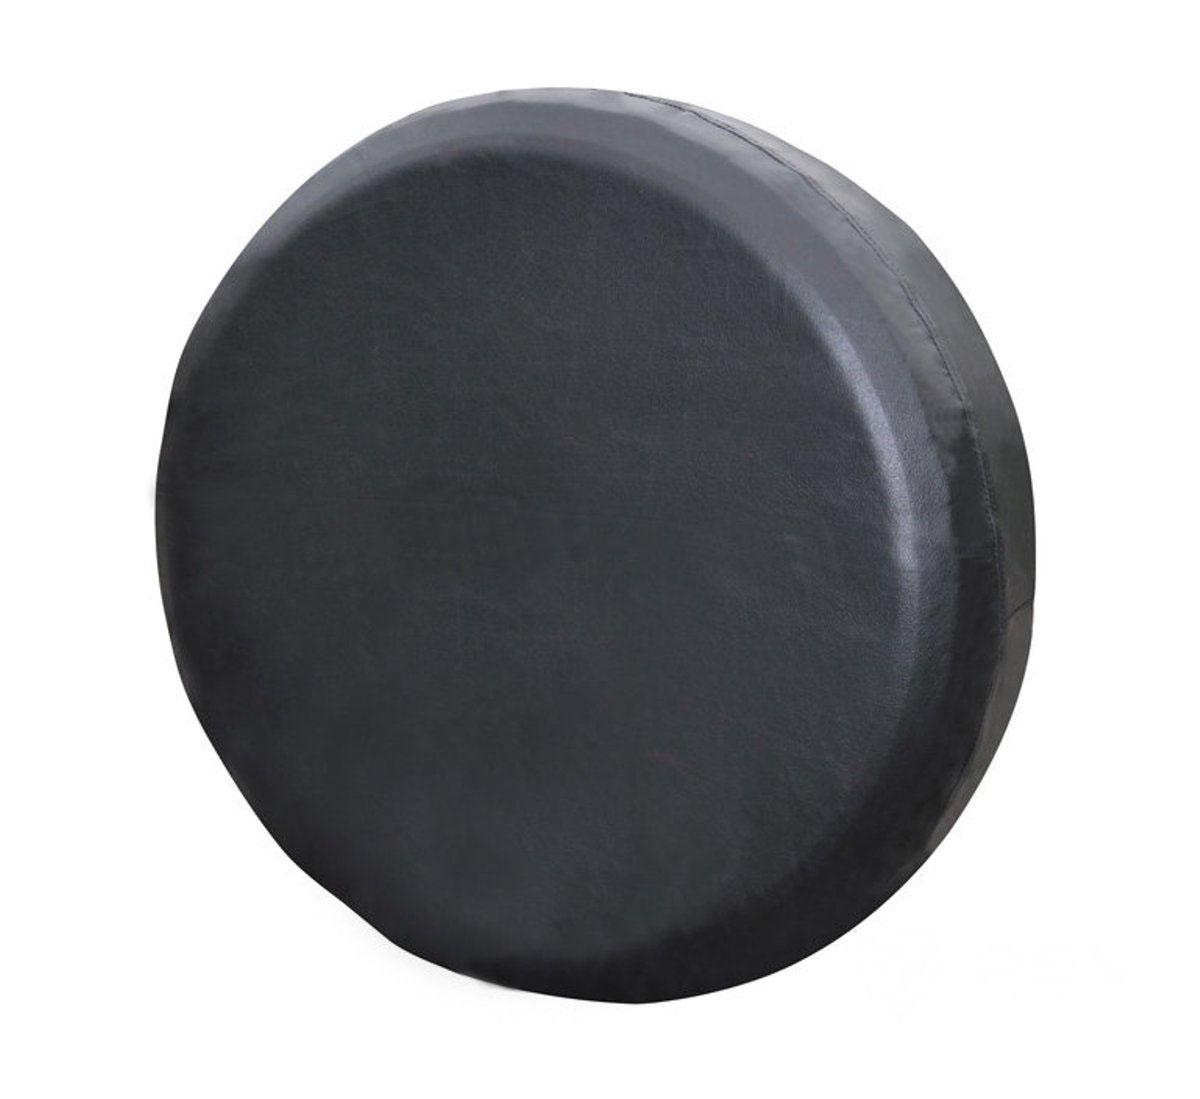 Чехол на запасное колесо Auto Premium, цвет: черный. Размер M (69,5-73,5 см)98298123_черныйЧехол на запасное колесо автомобиля Auto Premium, выполненный из высококачественной экокожи, прекрасно охранит запаску от негативного влияния погодных условий: пыль грязь, дождь. При этом чехол он не потрескается на морозе. Крепится с помощью шнурка.Диаметр колеса: 69,5-73,5 см.